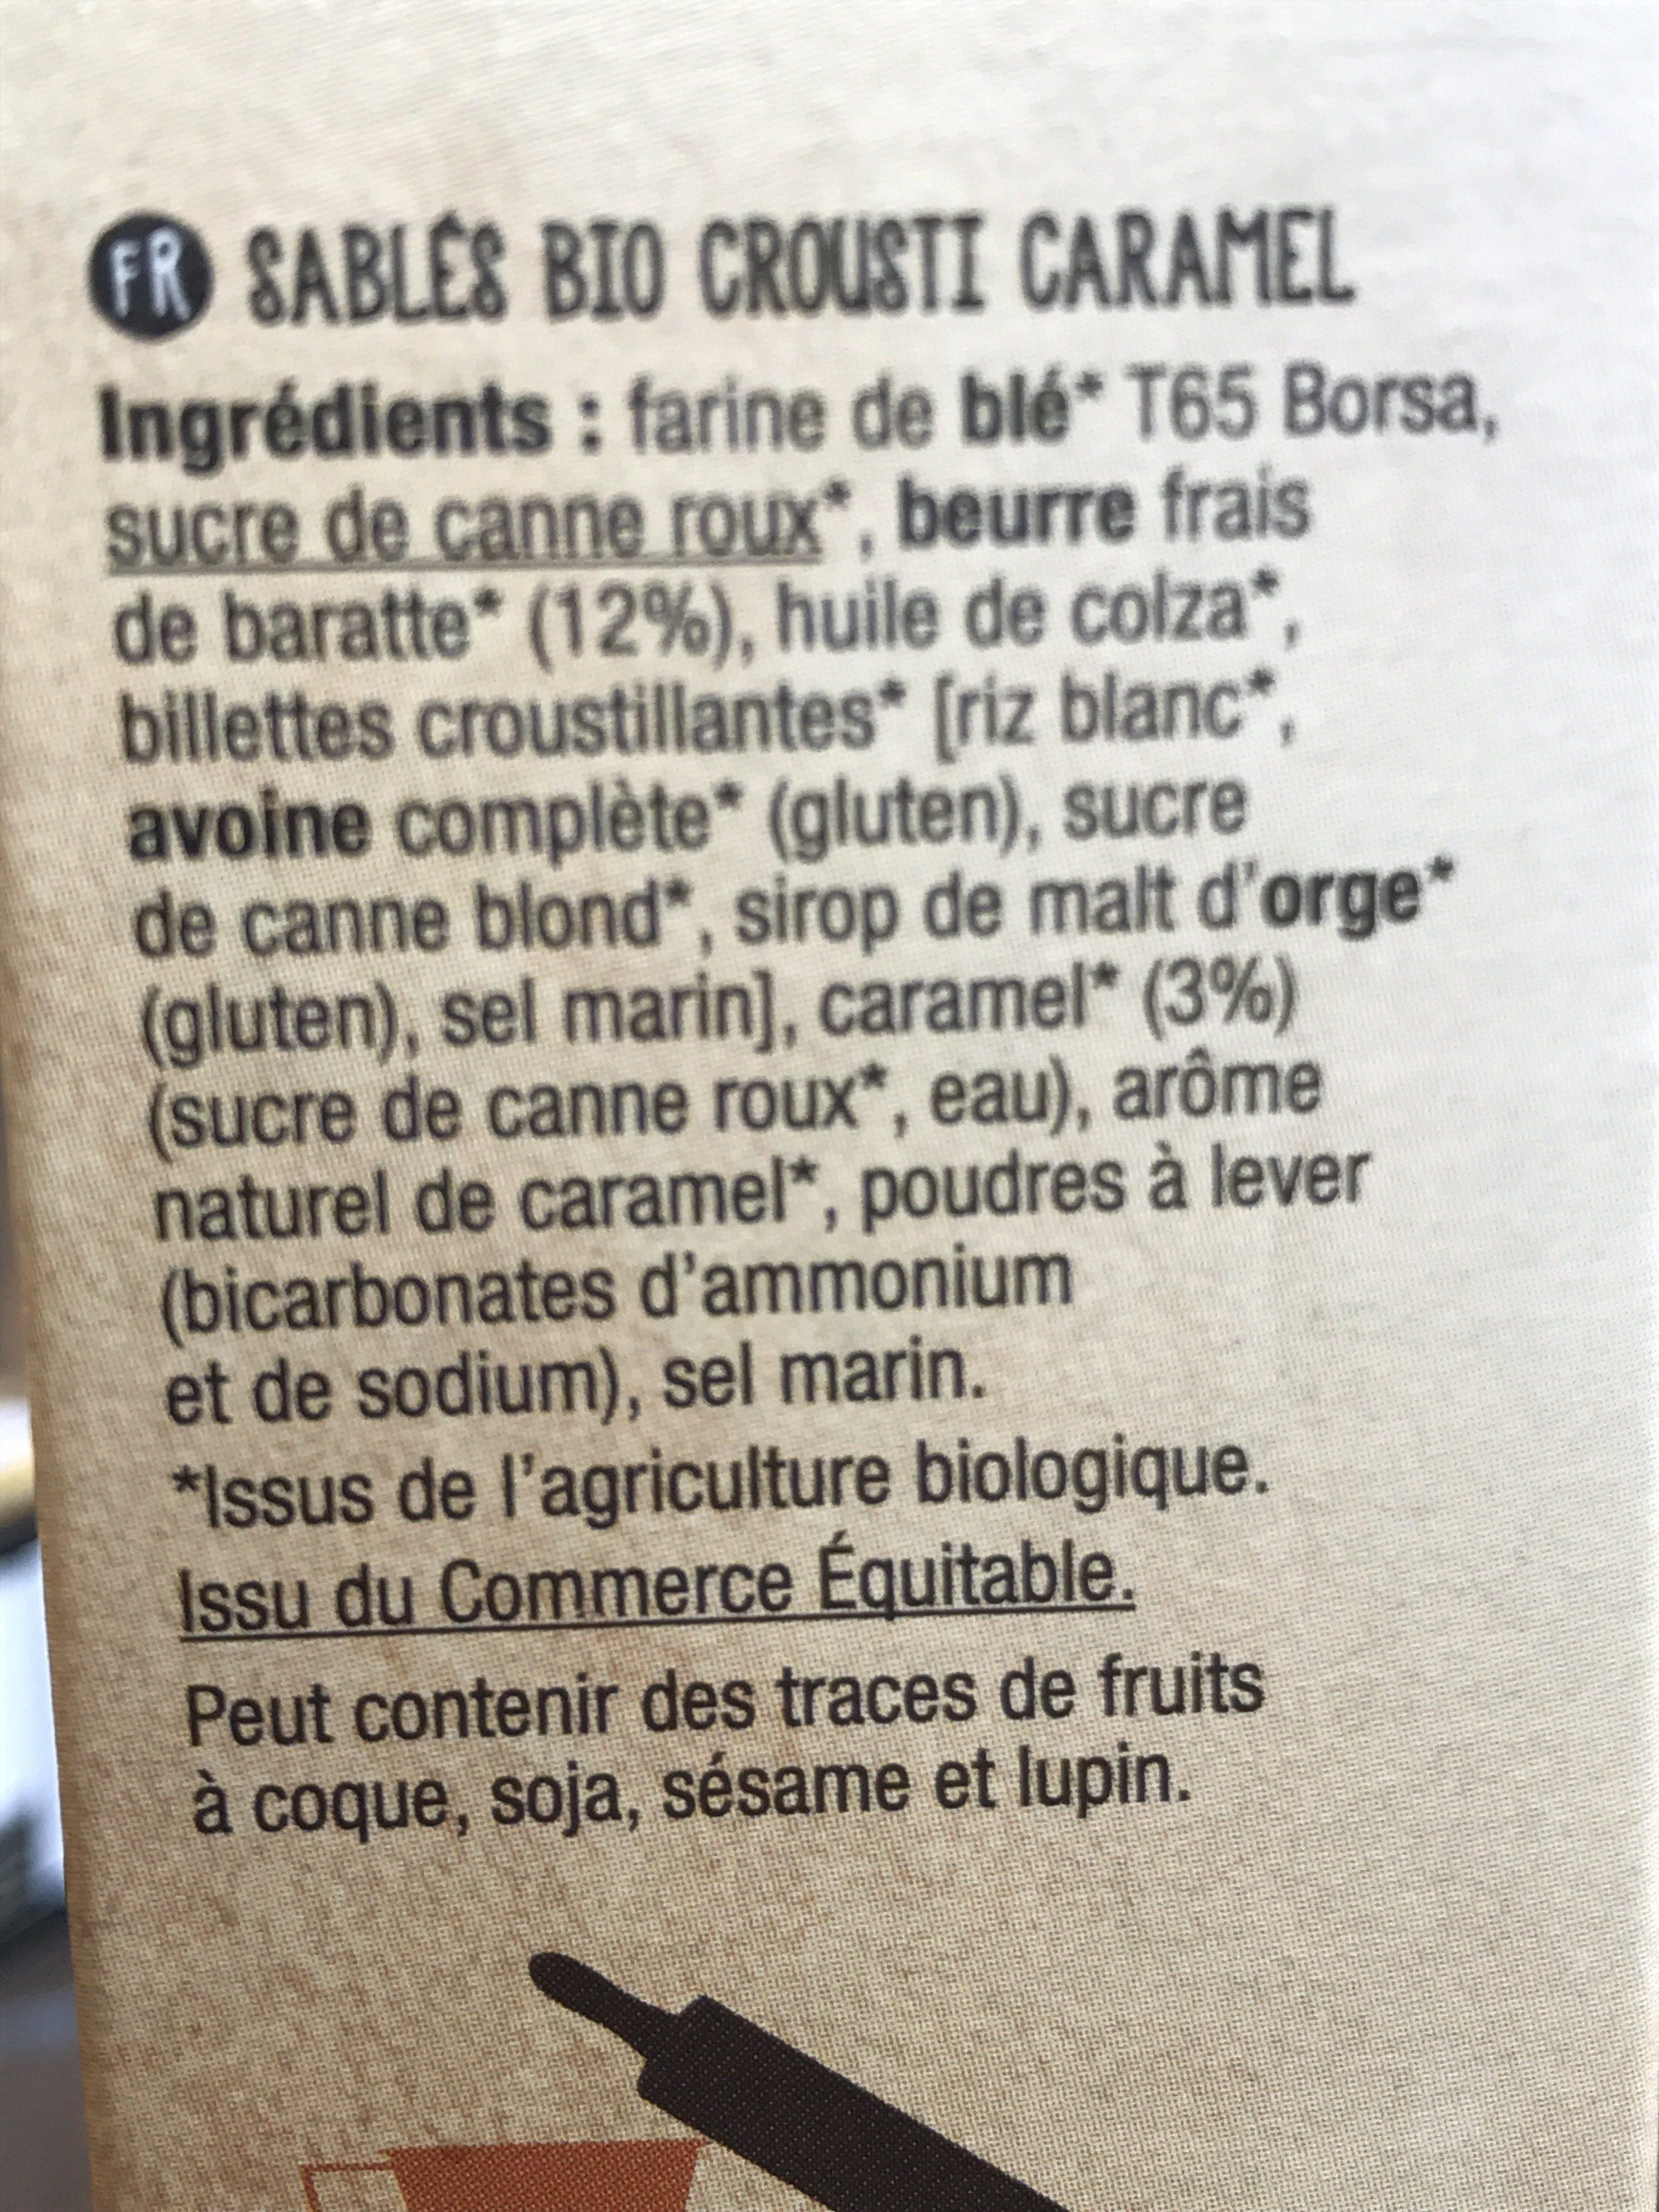 Sables Bio Crousti Caramel - Ingrediënten